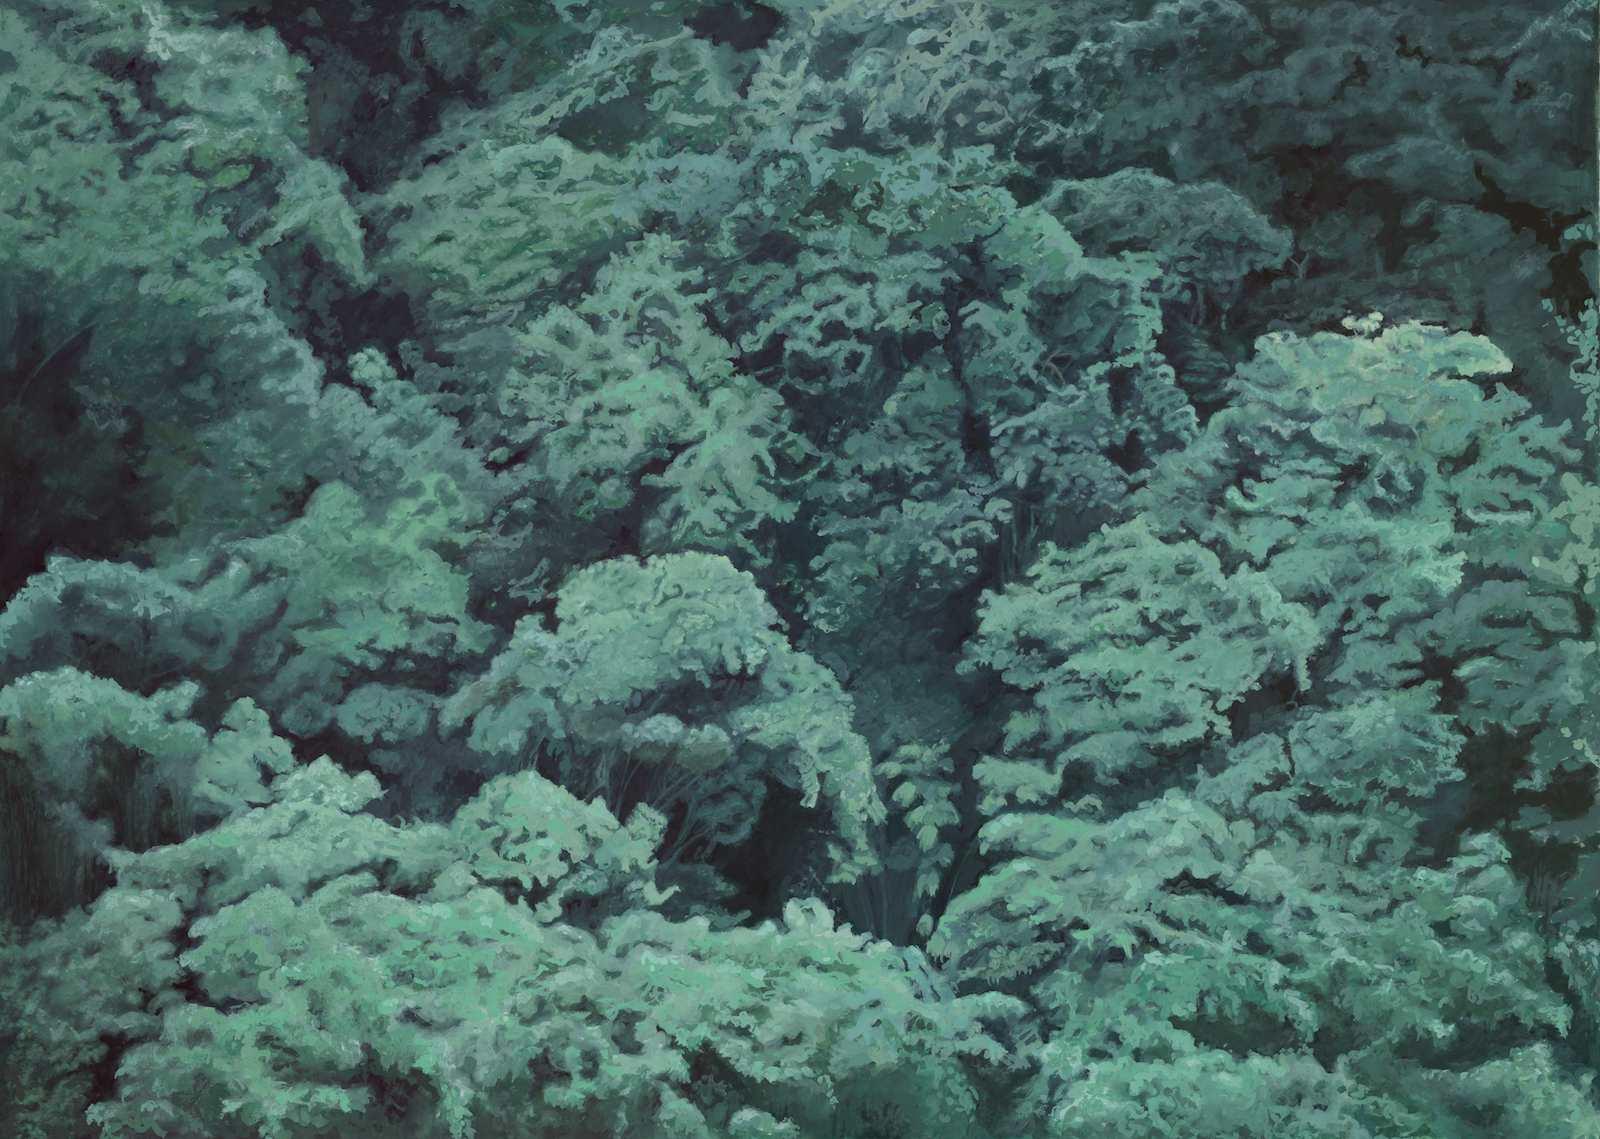 Vegetation, 2009, gouache on paper, 51 x 71 cm